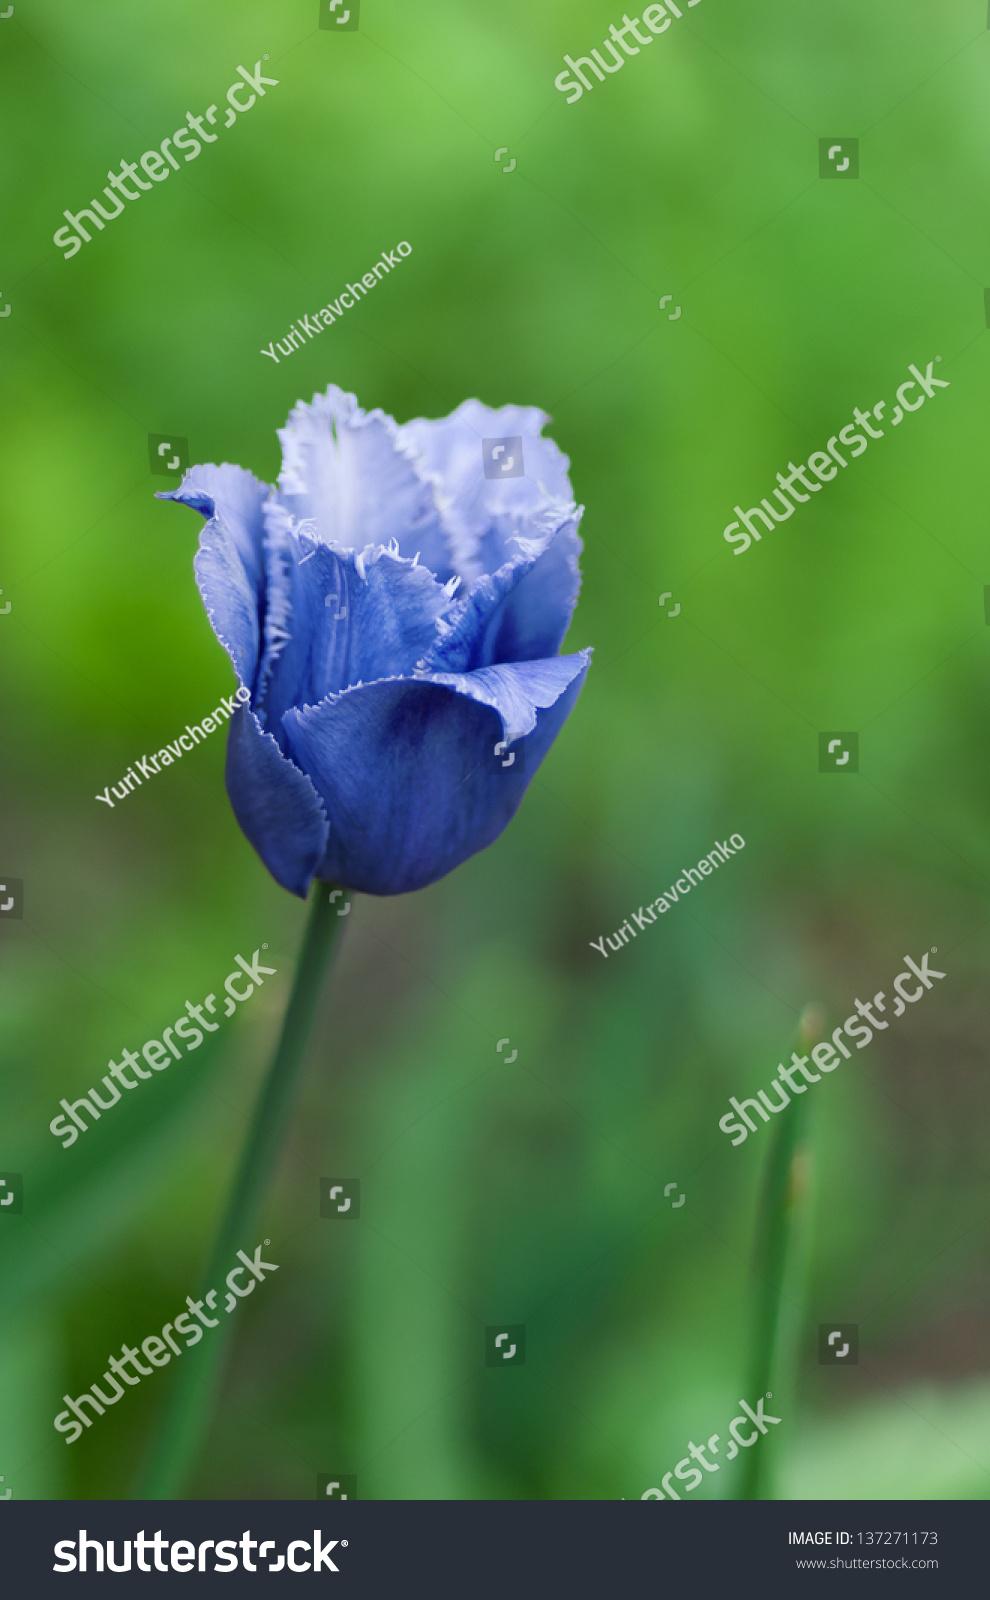 蓝色的罕见的郁金香在绿色背景下(浅景深).